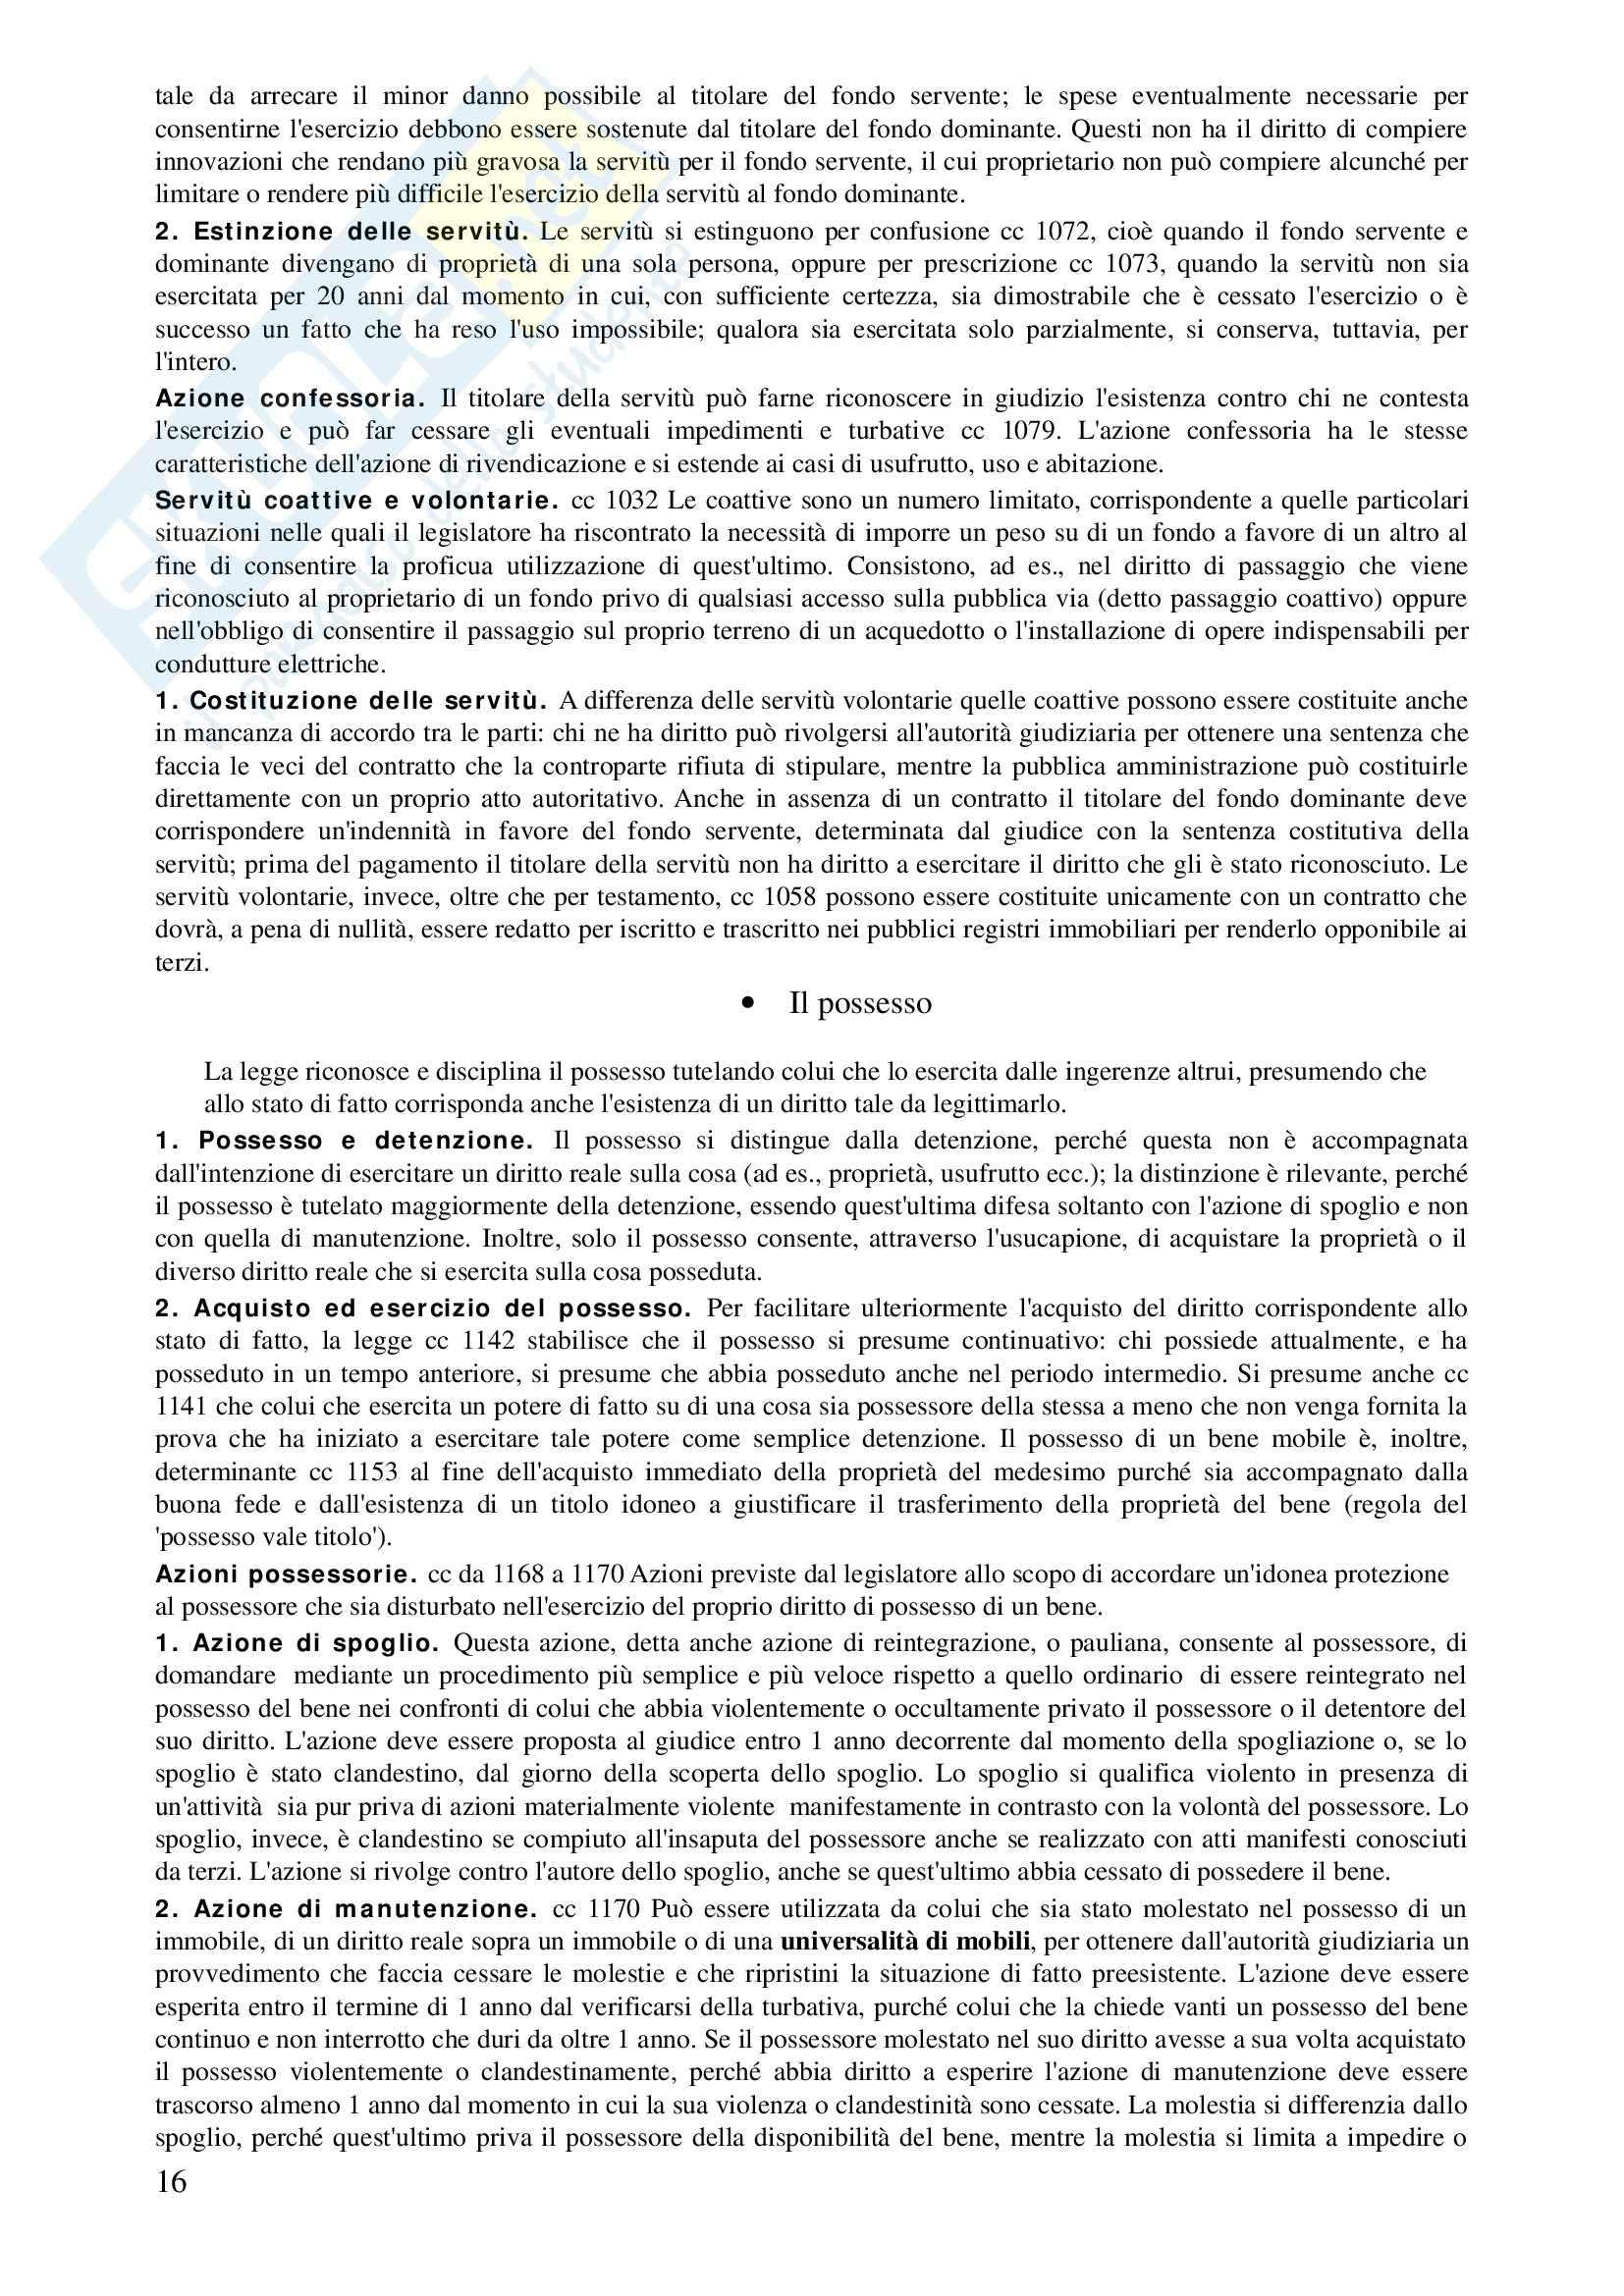 Diritto Privato - Corso completo Pag. 16